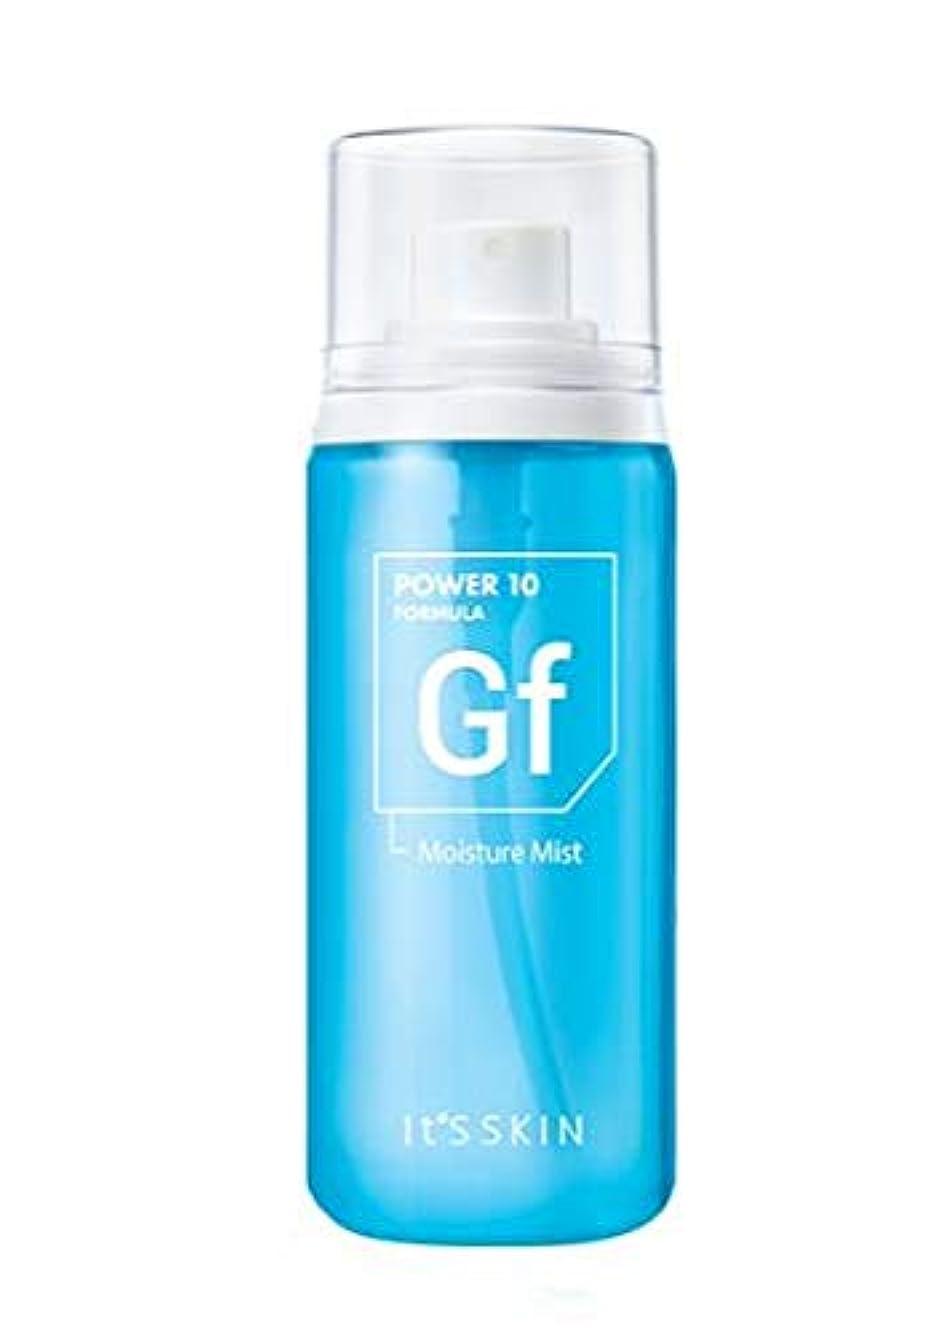 火傷生物学尊敬Its skin Power 10 Formula Mist Gf (Moisture) イッツスキン パワー 10 フォーミュラ ミスト Gf [並行輸入品]